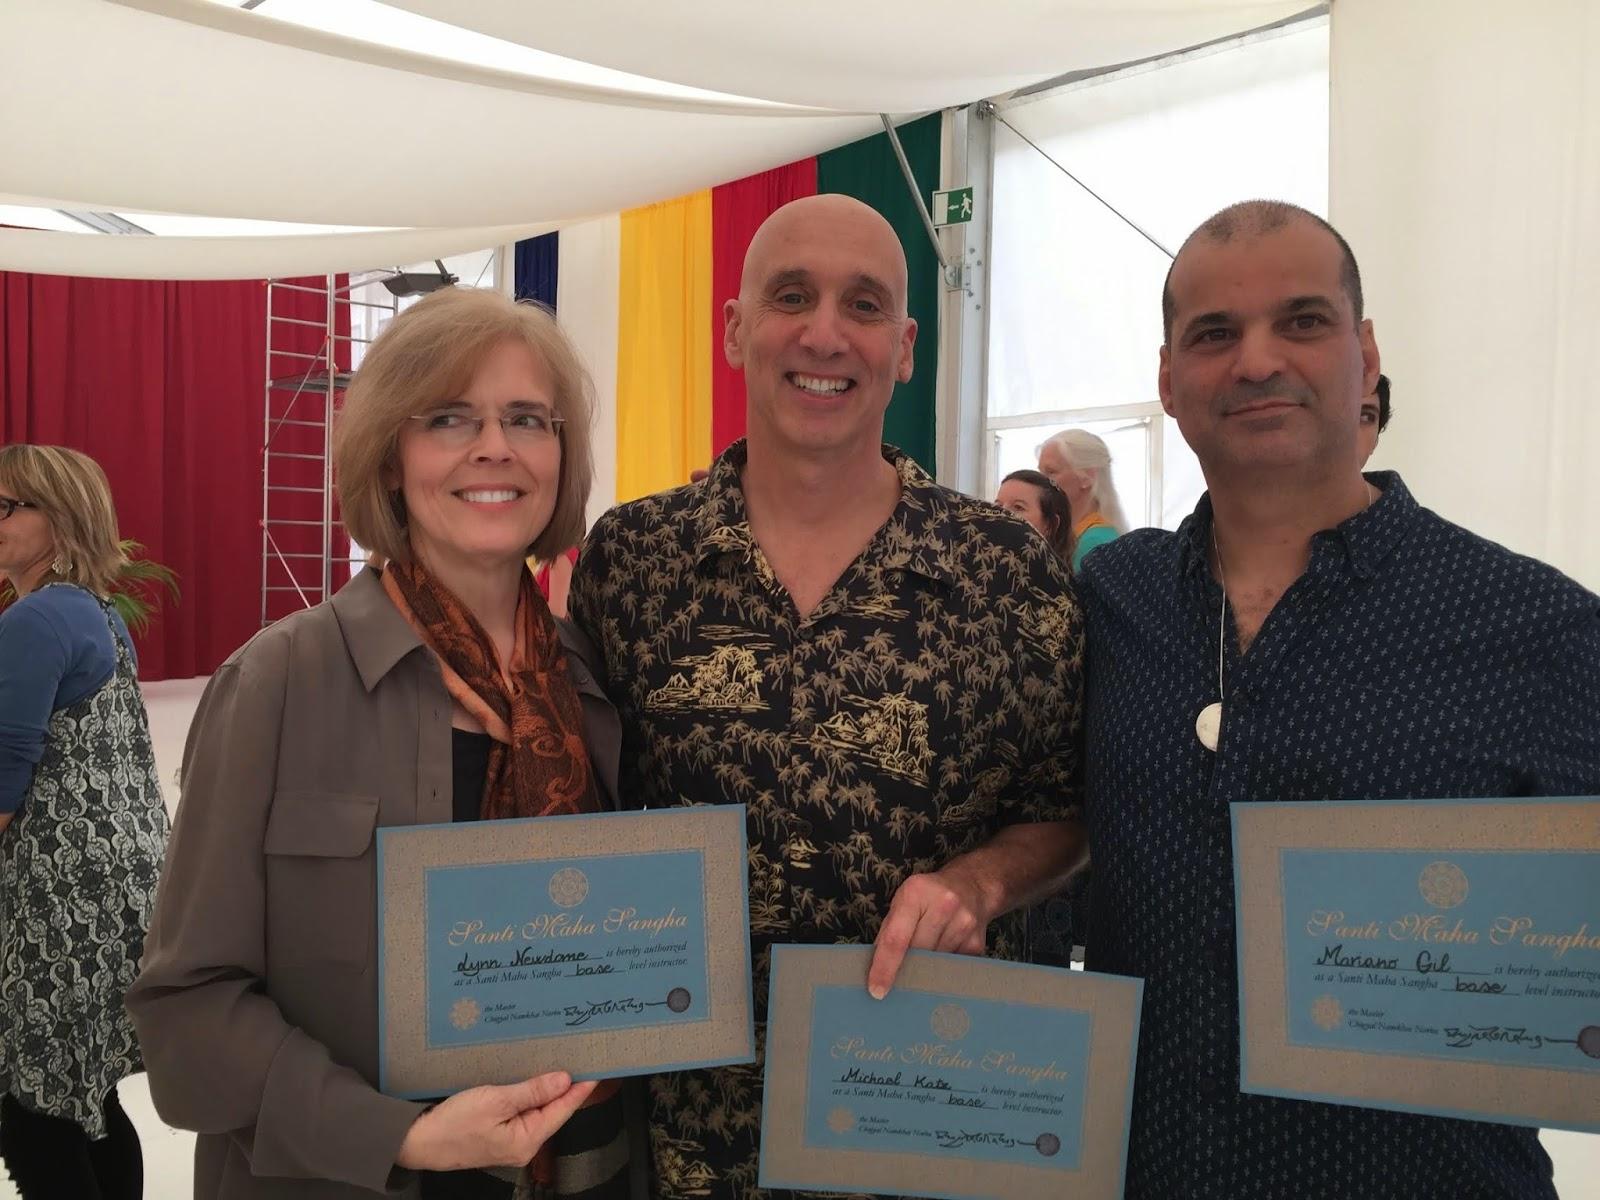 Mariano (a la derecha) con Lynn Newdome (izquierda) y Michael Katz (centro) después de recibir sus diplomas de Instructores de Santi Maha Sangha en Dzamling Gar, Tenerife, España.